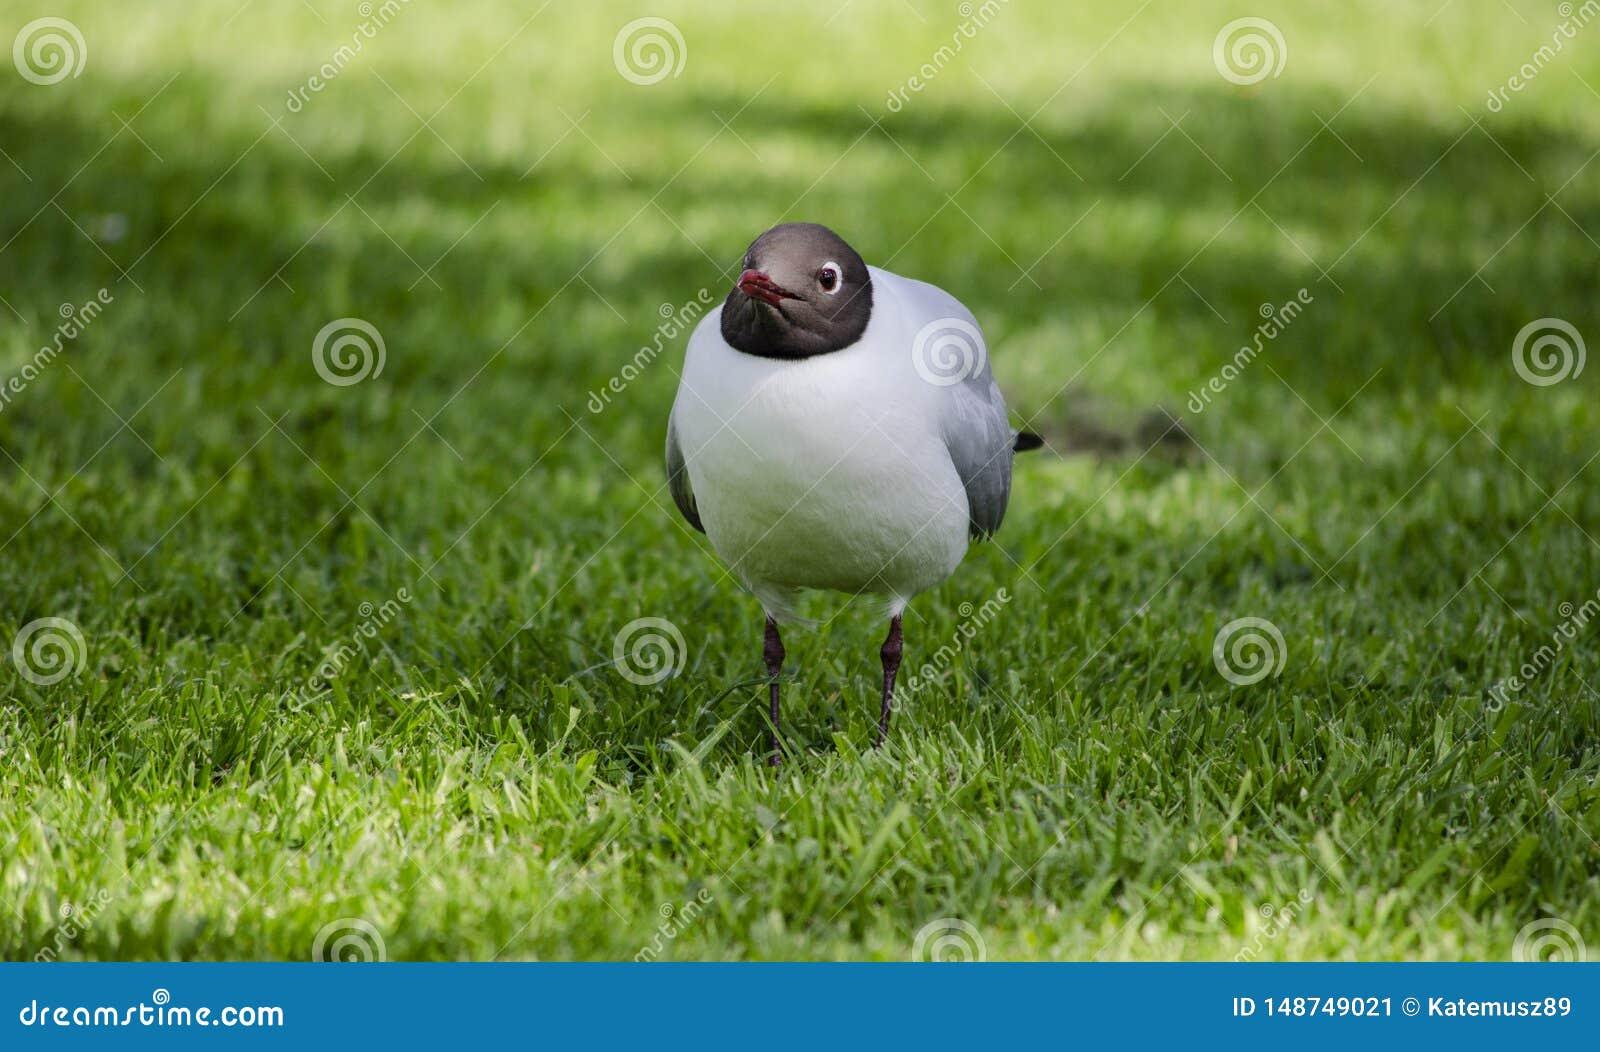 Meeuw met zwarte kop op gras